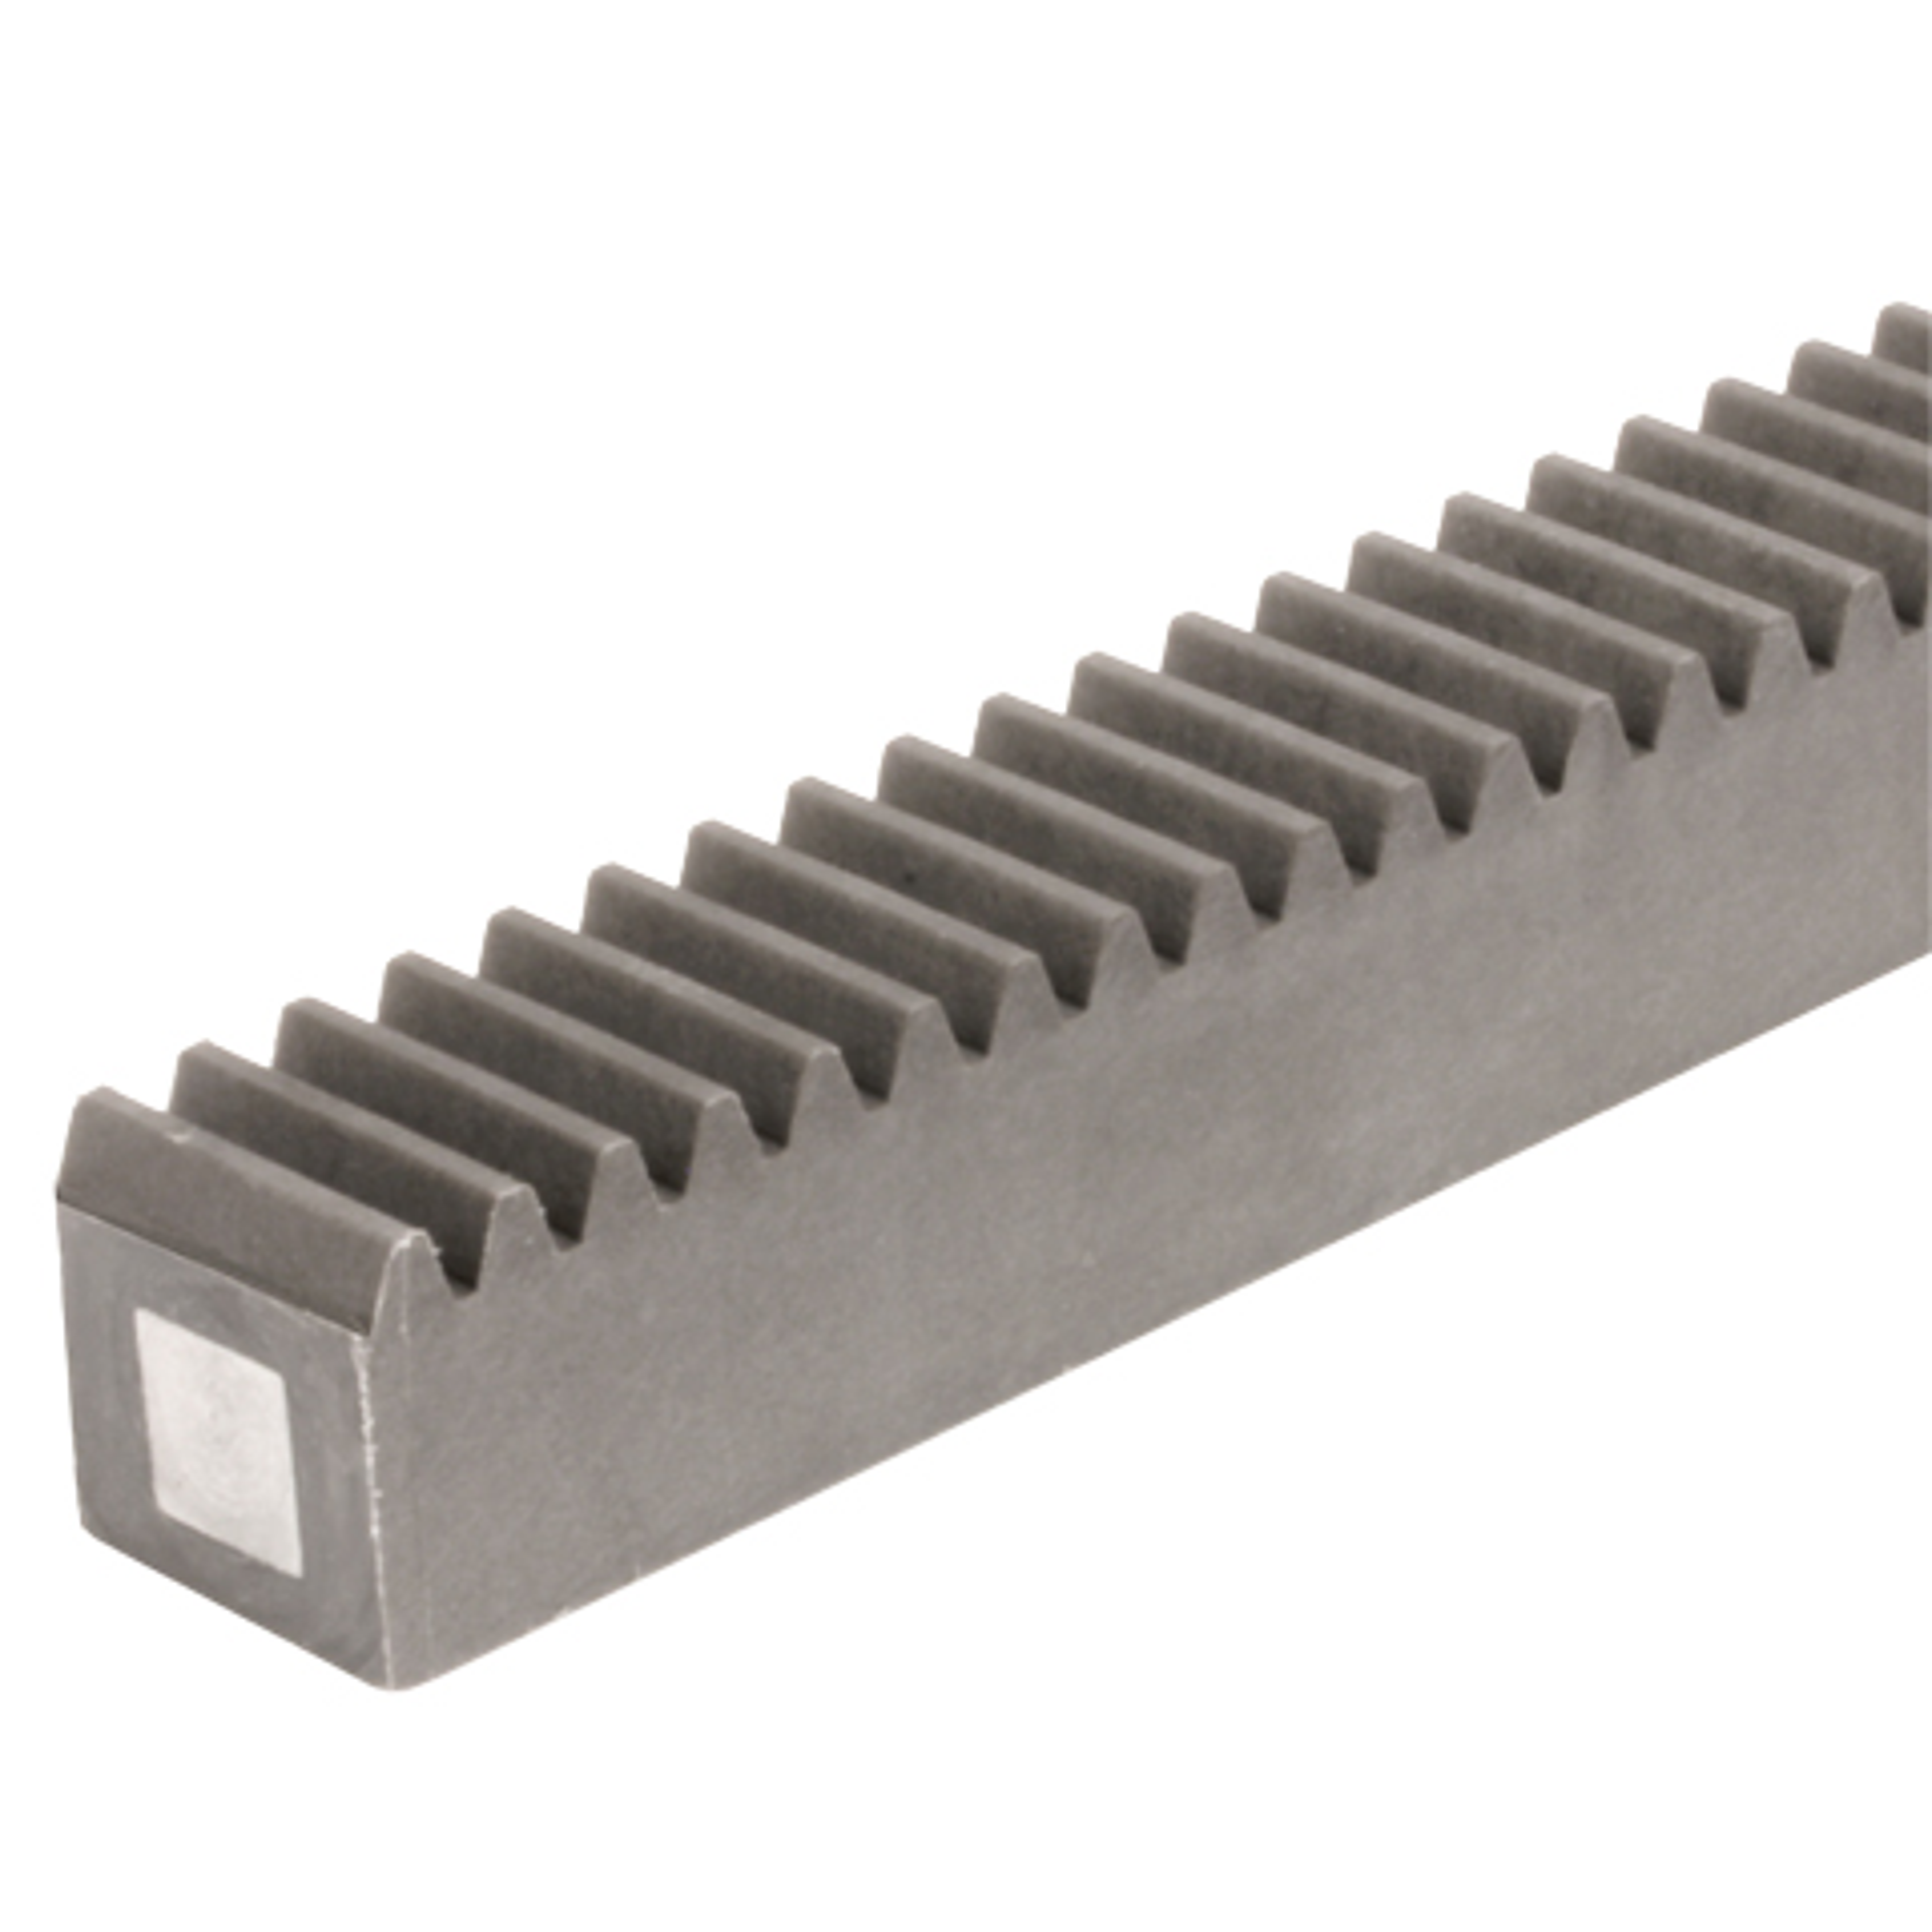 Cremagliera sezione quadrata - Nylon - Con anima in acciaio - da 351,67mm a 1000mm